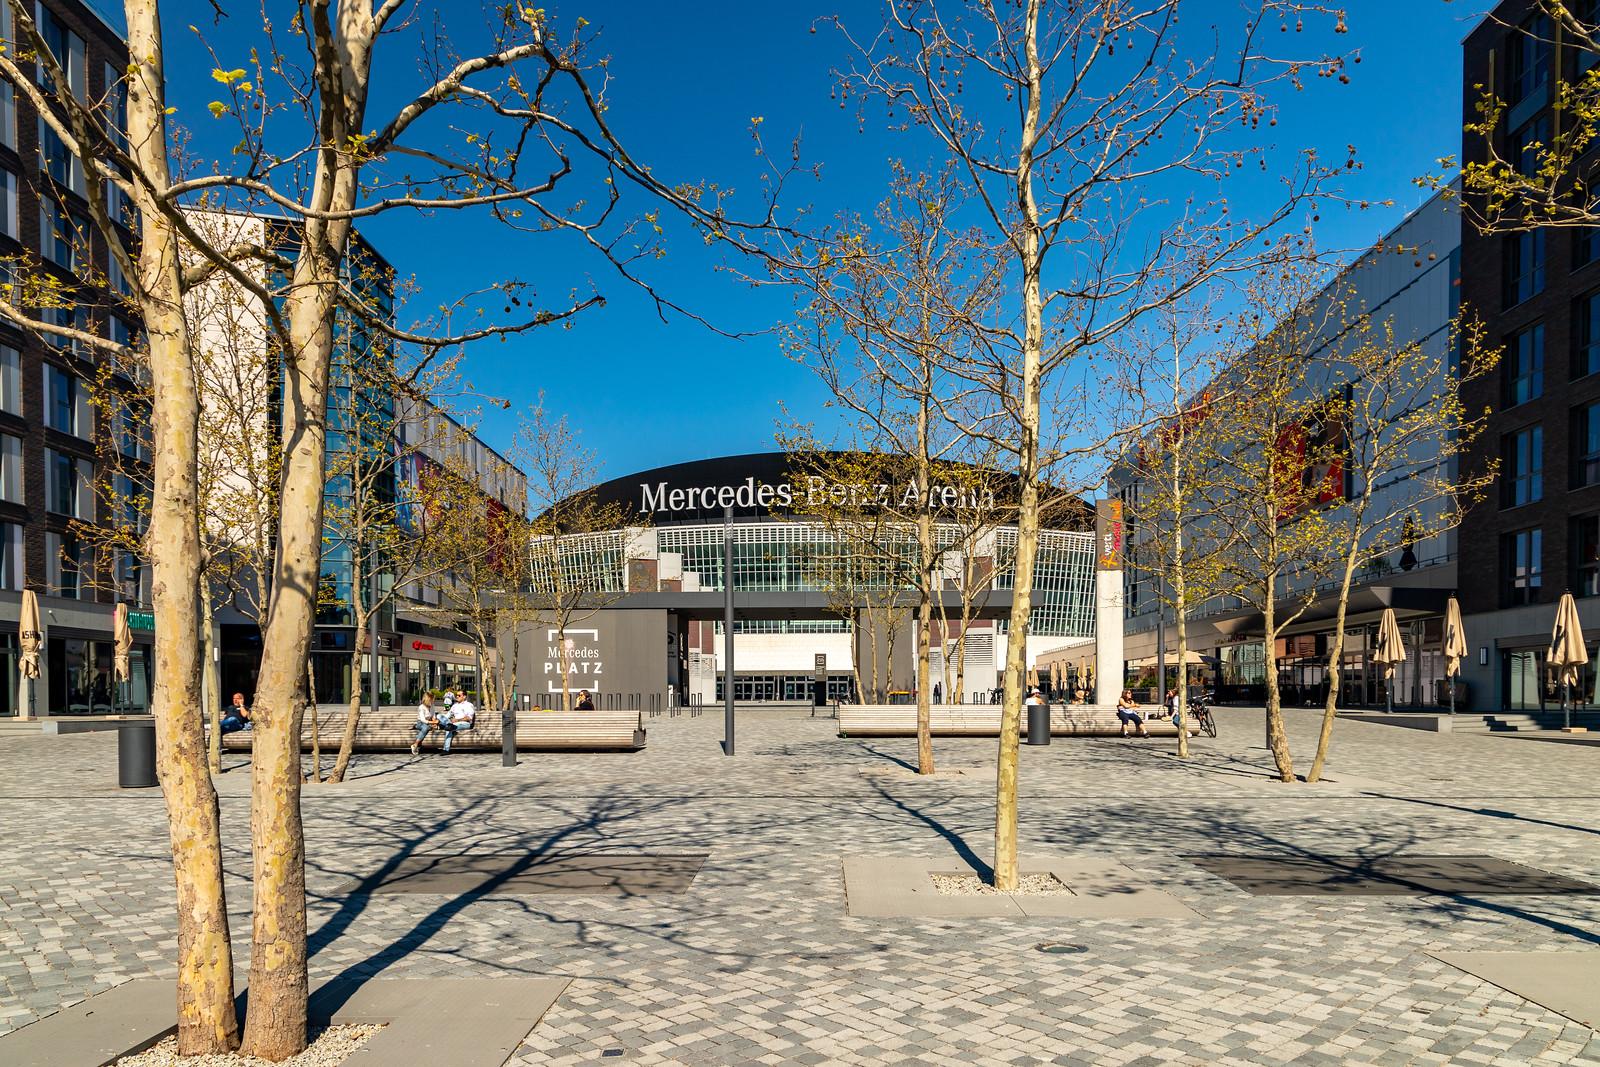 Der Mercedes-Platz